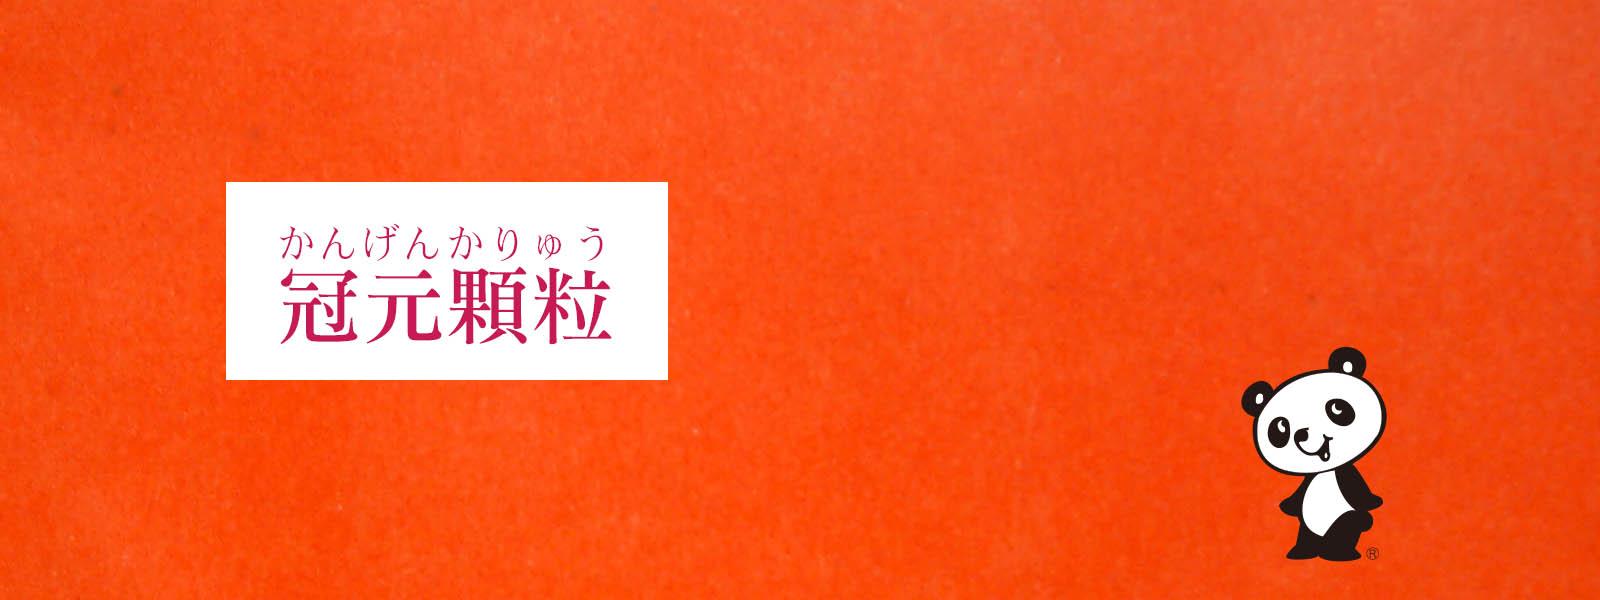 冠元顆粒 イスクラ産業 写真撮影)表参道・漢方薬店・薬戸金堂